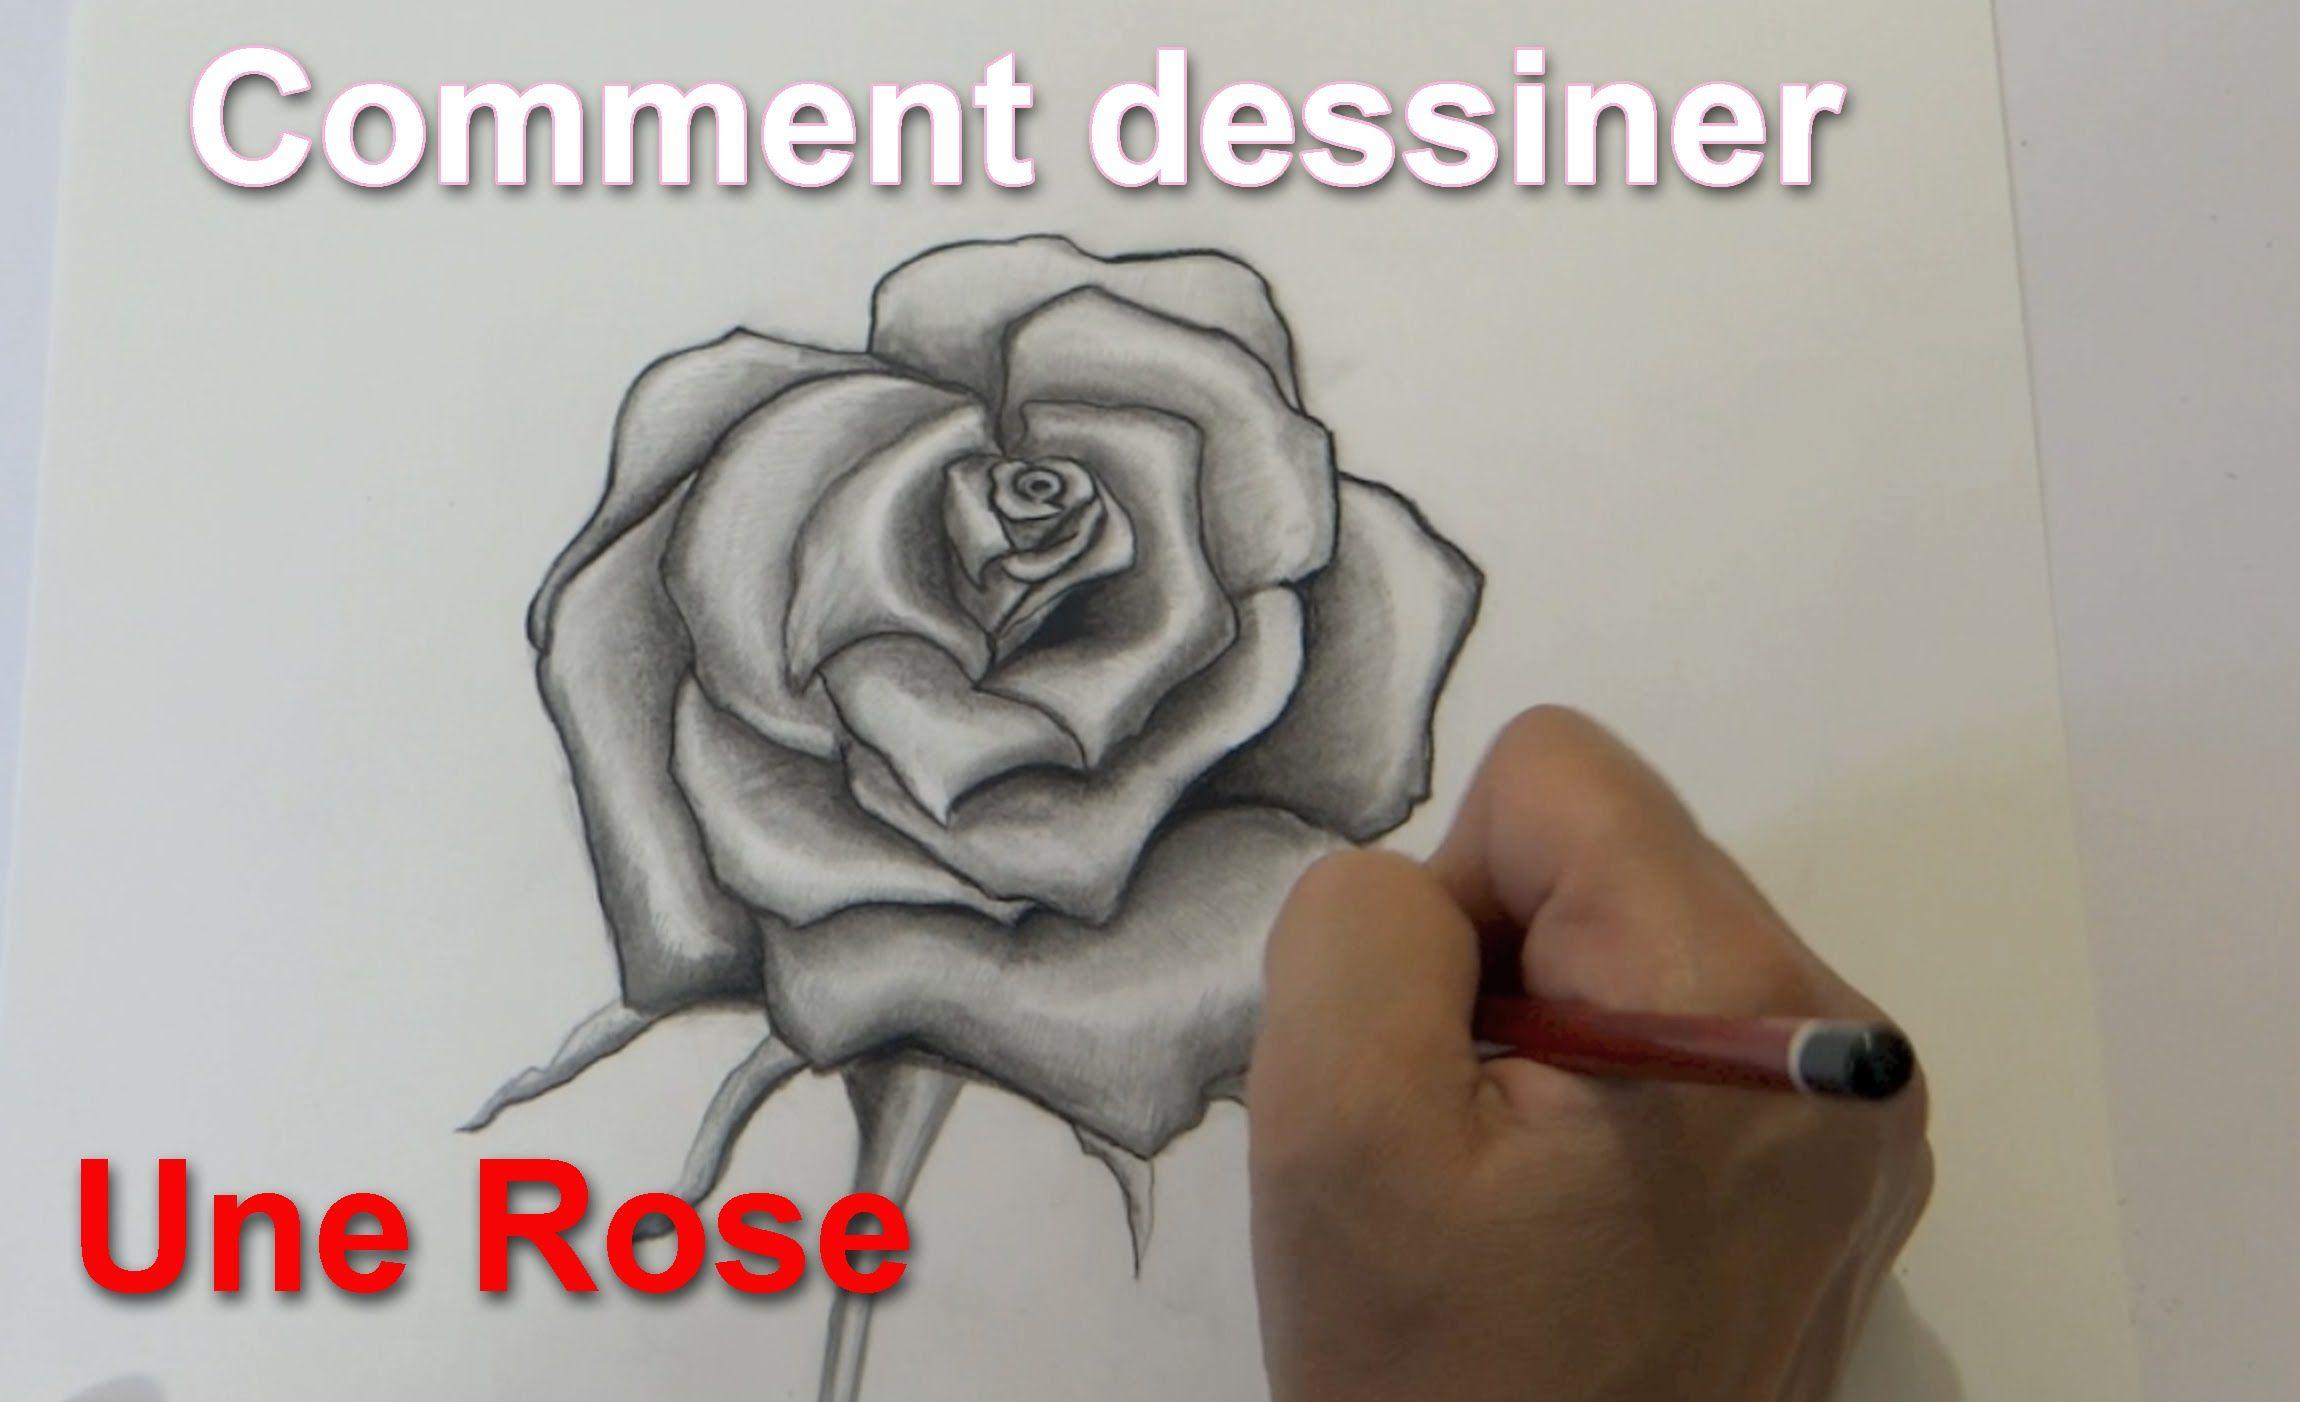 Comment Dessiner Une Rose Expliqué Pas à Pas Dans Ma Deuxième Vidéo